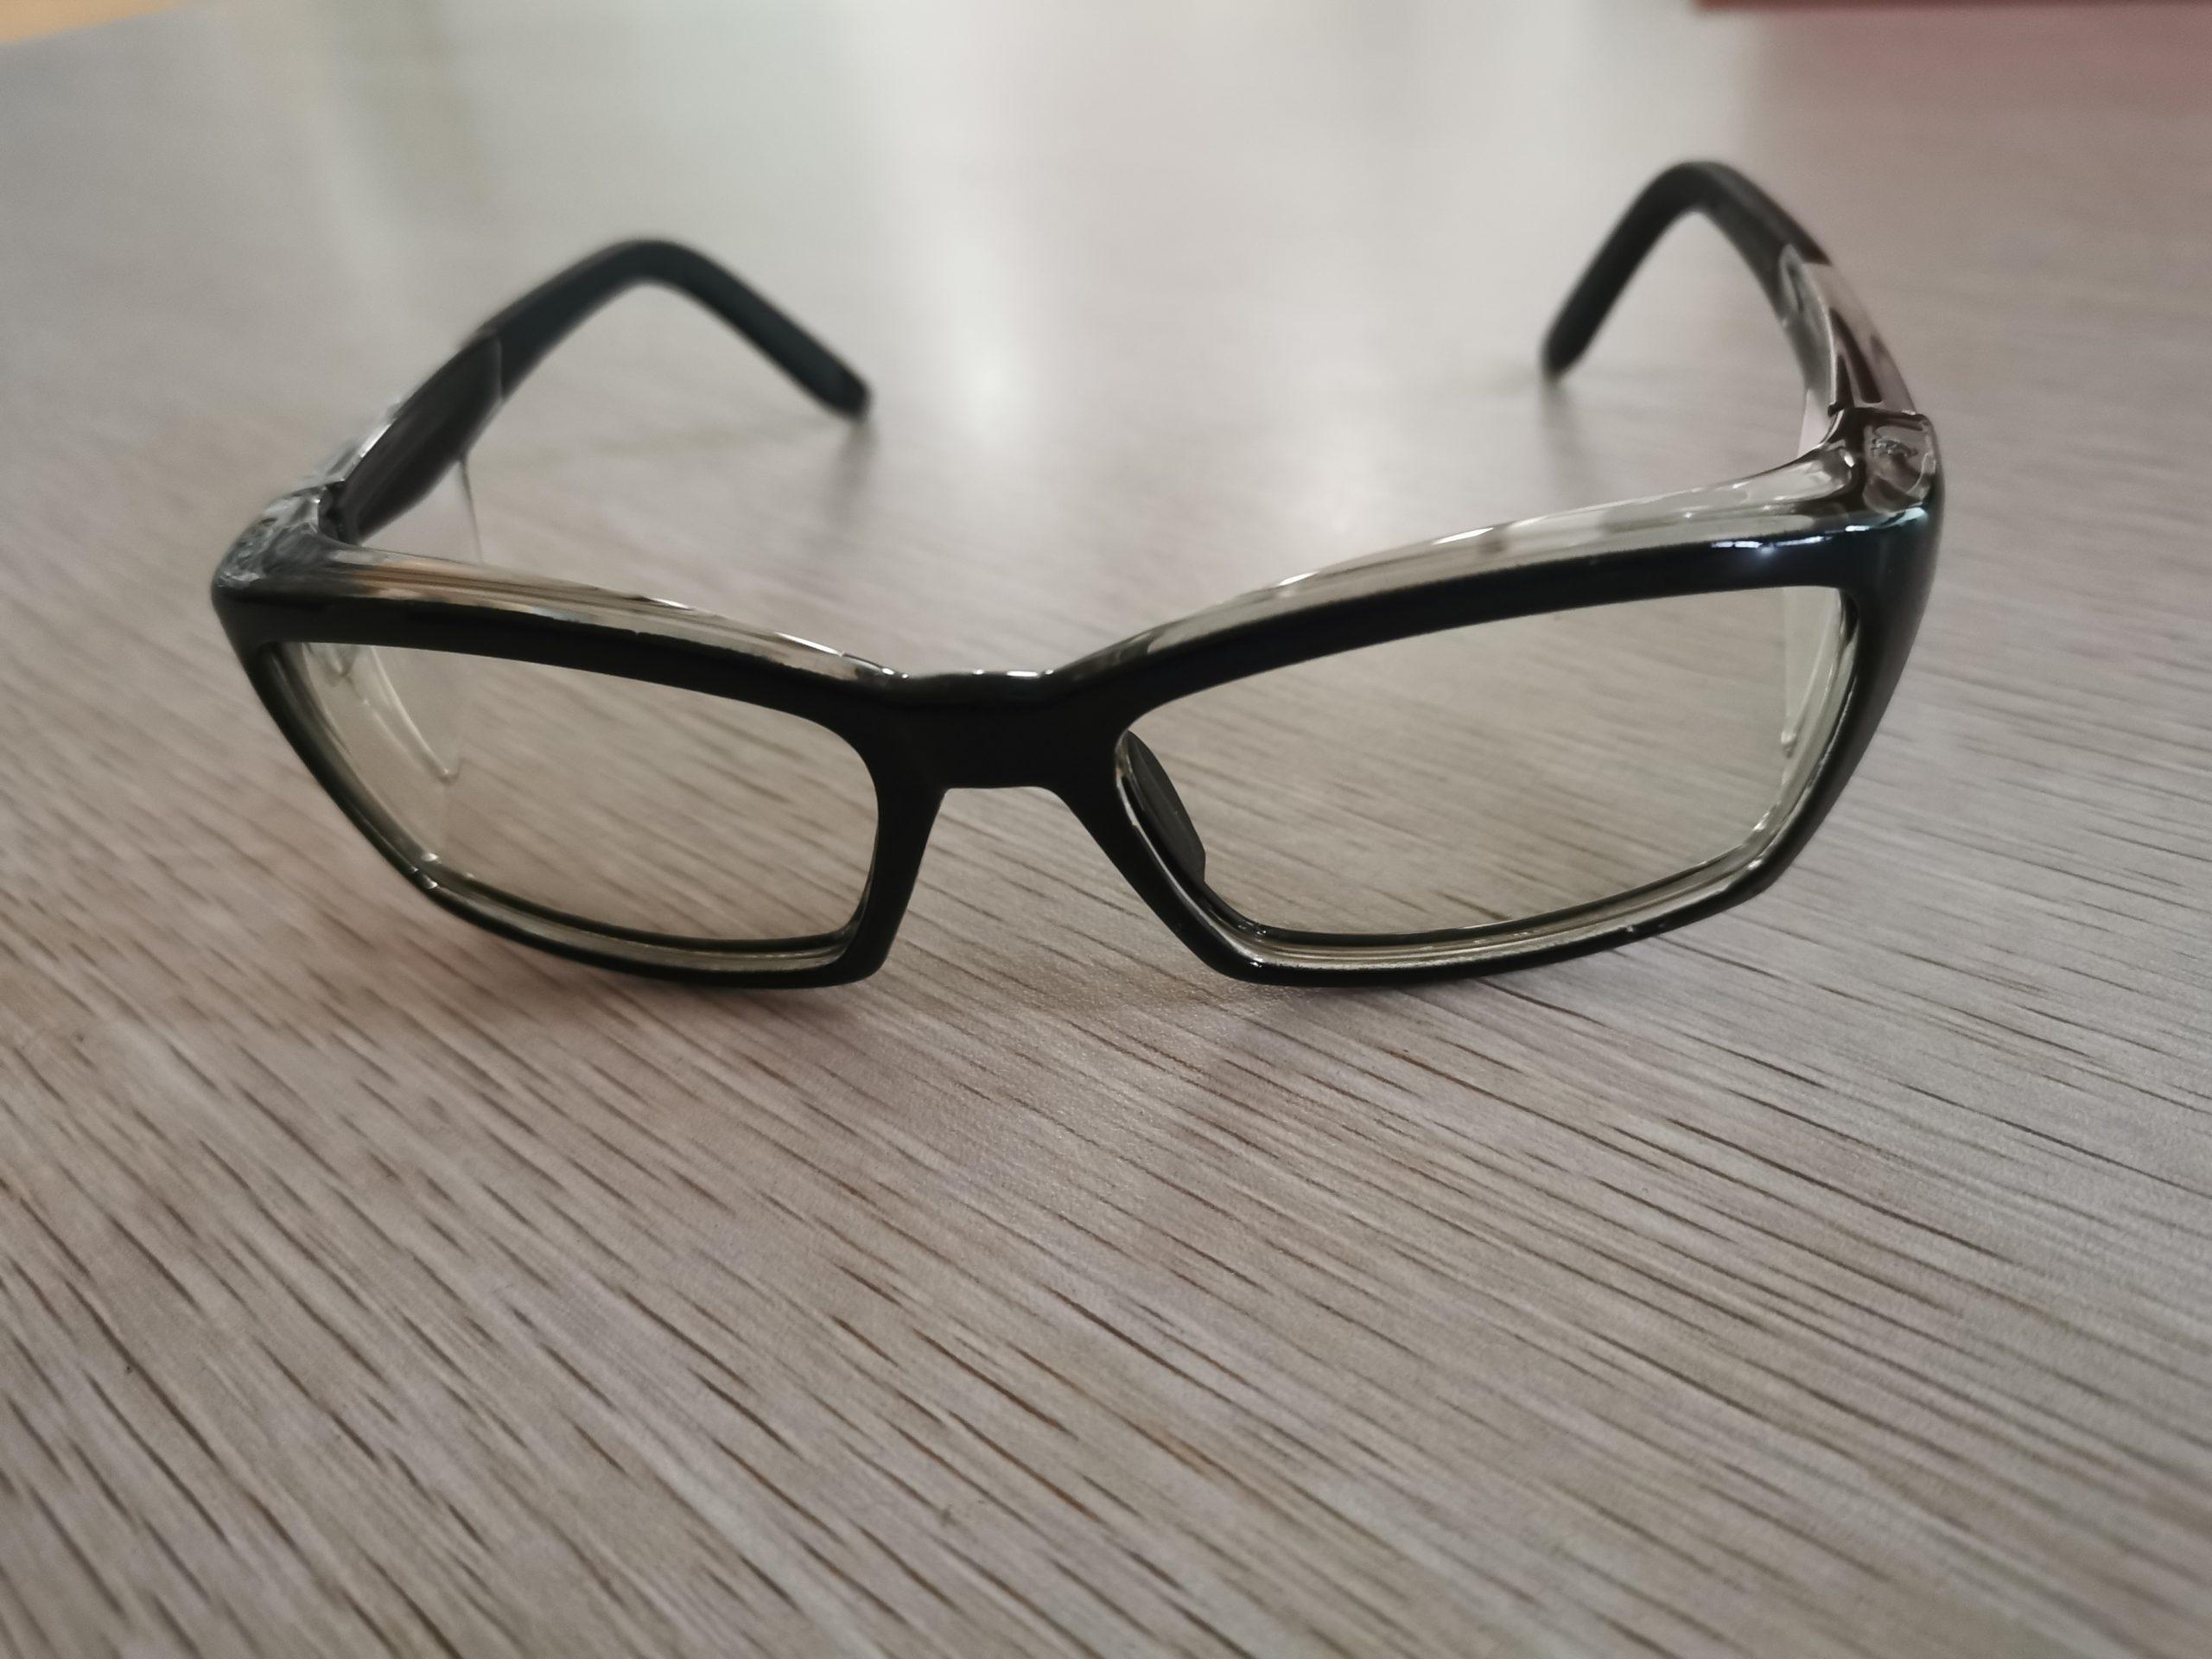 Lentes de Seguridad o Gafas de Seguridad con prescripción